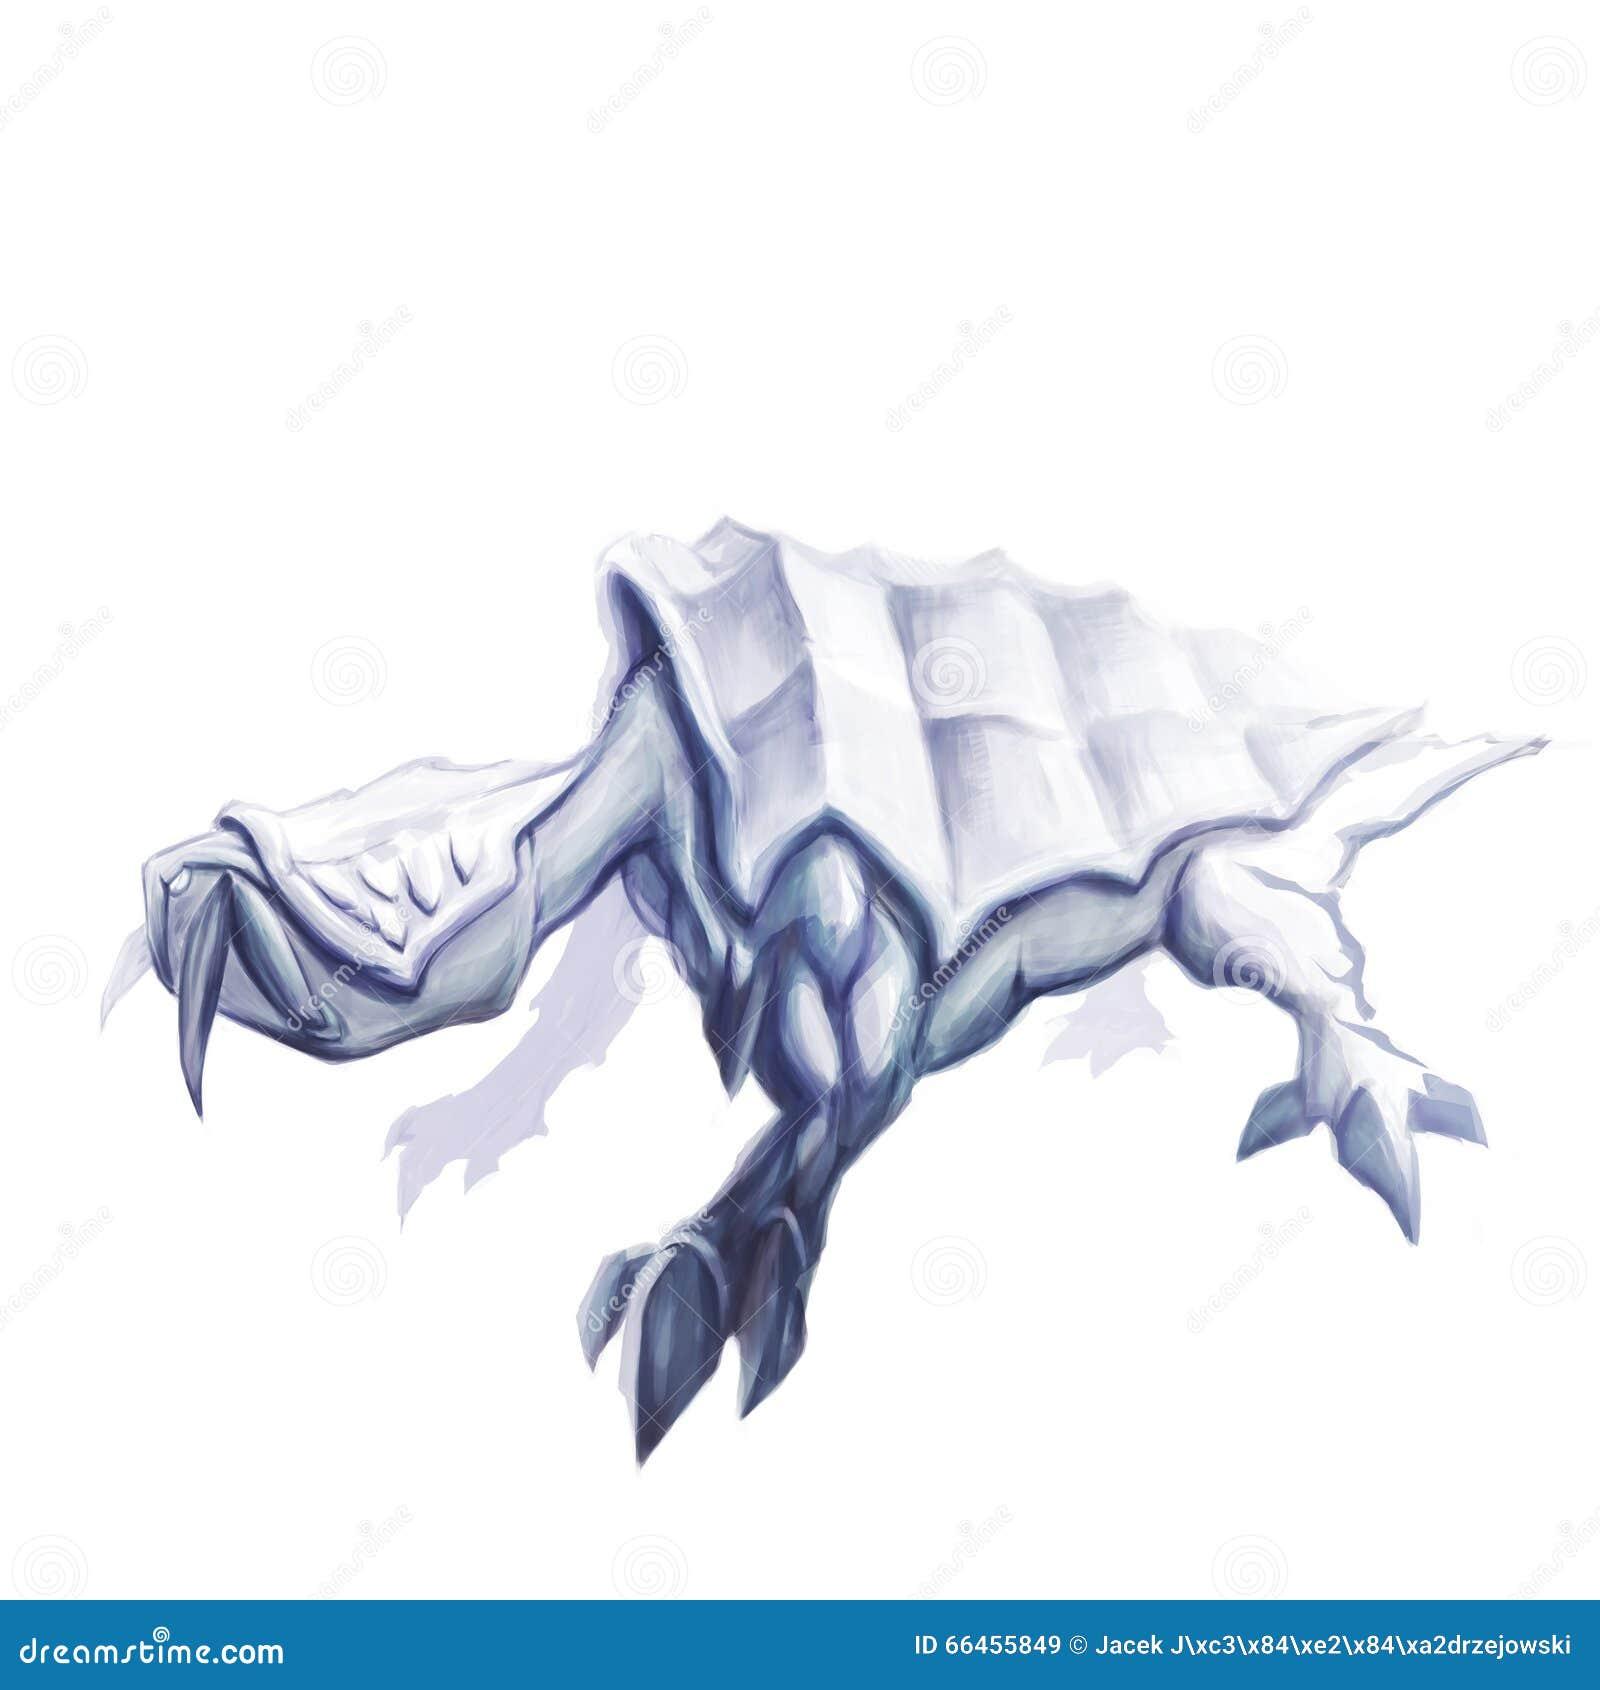 Hinterlistige mythische Reptilkonzeptkunst